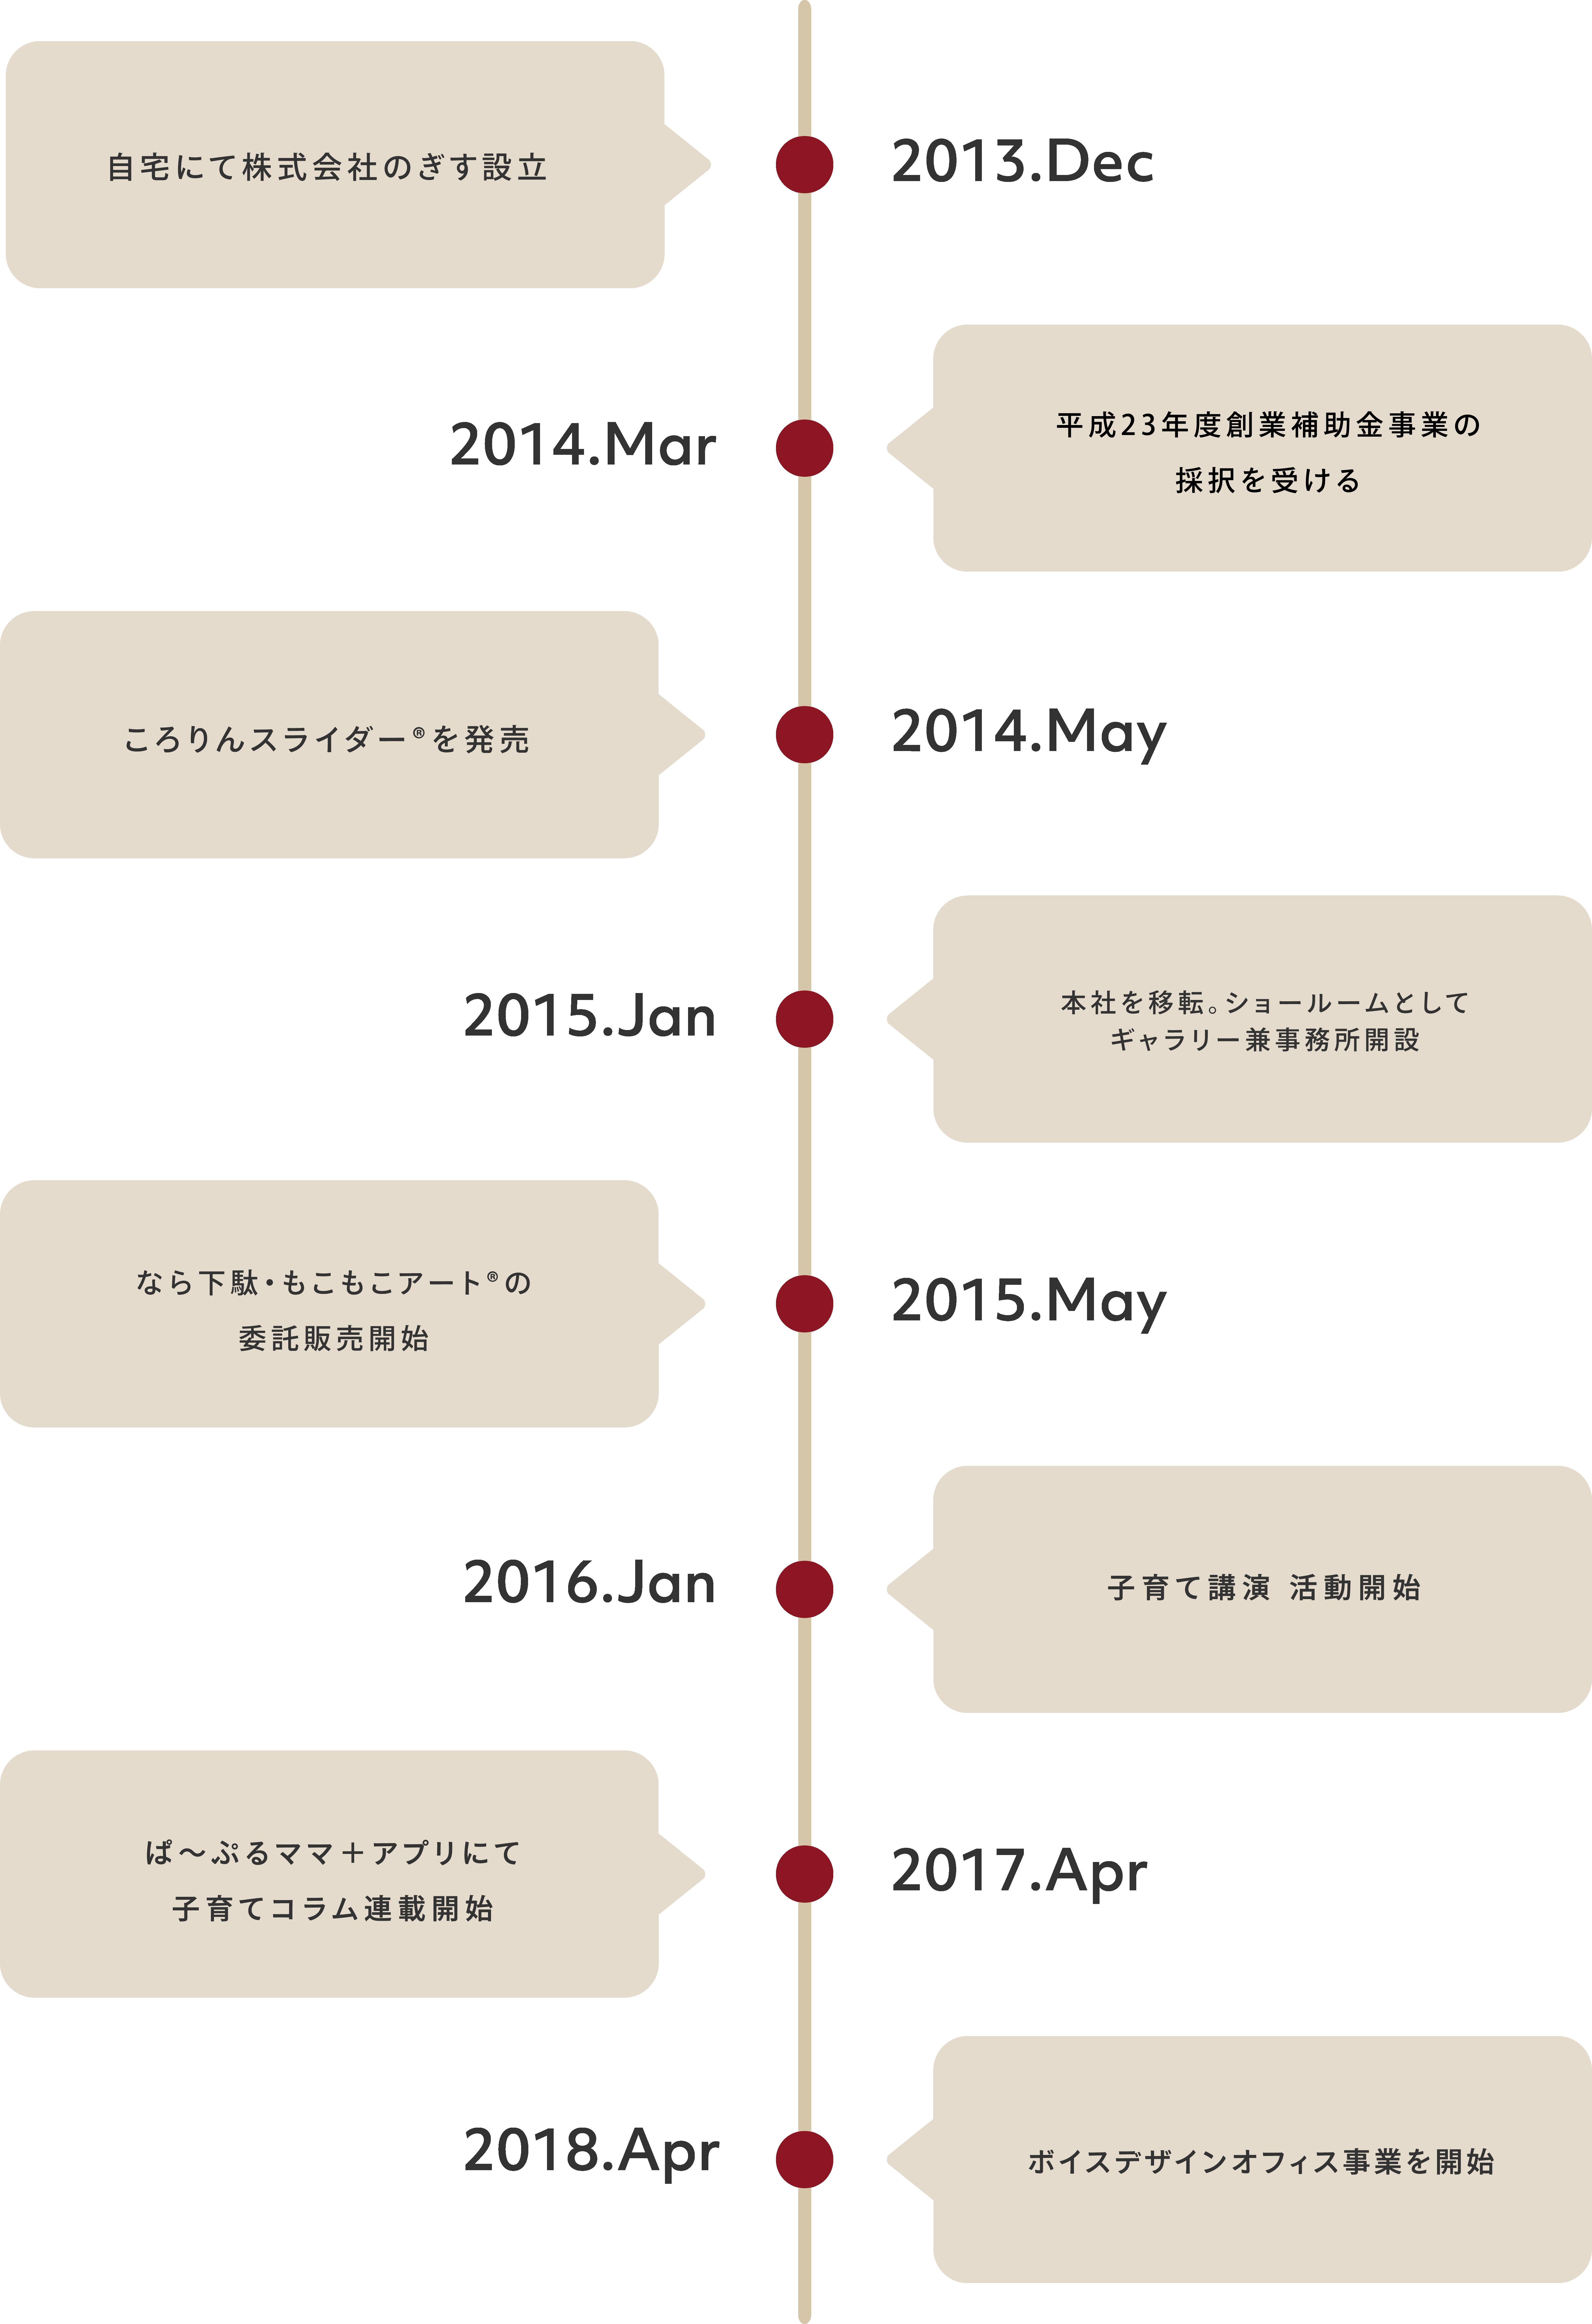 2013年12月自宅にて株式会社のぎす設立 2014年5月平成23年度創業補助金事業の採択を受ける 2014年5月ころりんスライダーを発表 2015年1月本社を移転。ショールームとしてギャラリー兼事務所開設/ウレタン畳「くつろぎ」を正規販売代理店として取り扱い開始 2015年3月なら下駄・もこもこアート®の委託販売開始 2018年4月バーチャルオフィス・貸し会議室事業開始/ボイトレ講座を常設